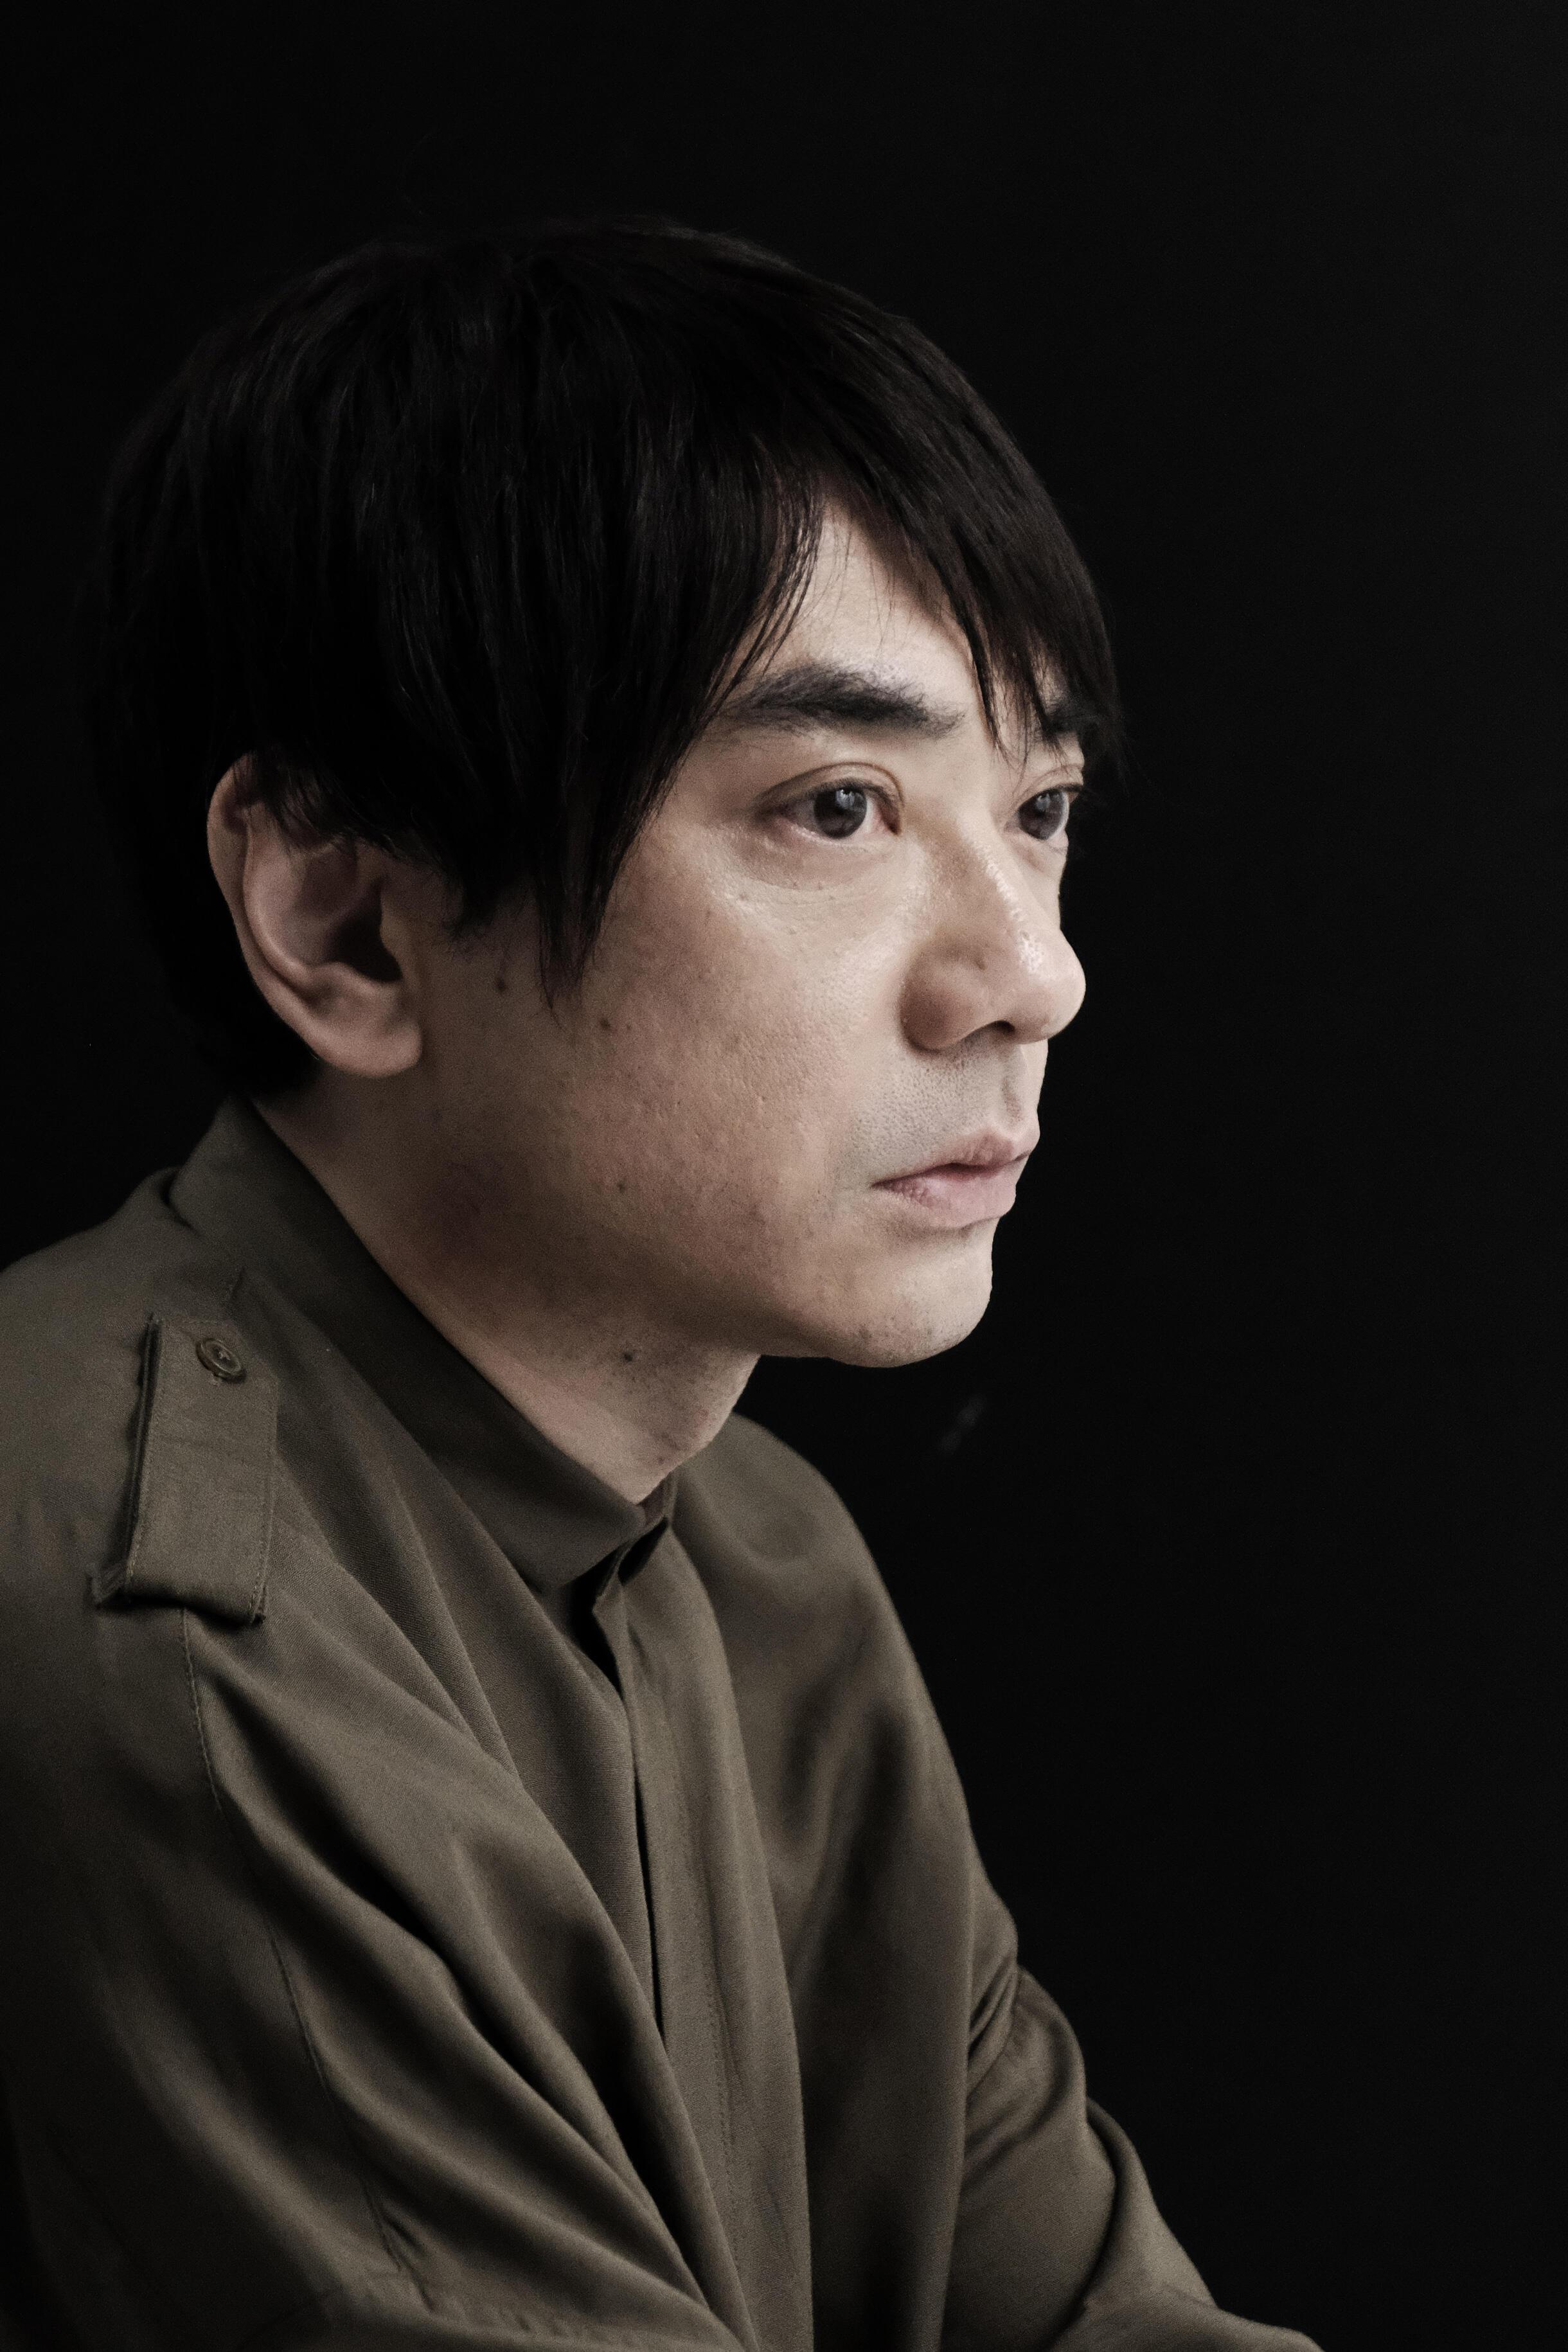 Corneliusの小山田圭吾、音楽制作における「テクノロジーの進化」を語る!J-WAVEで8/30『INNOVATION WORLD』出演